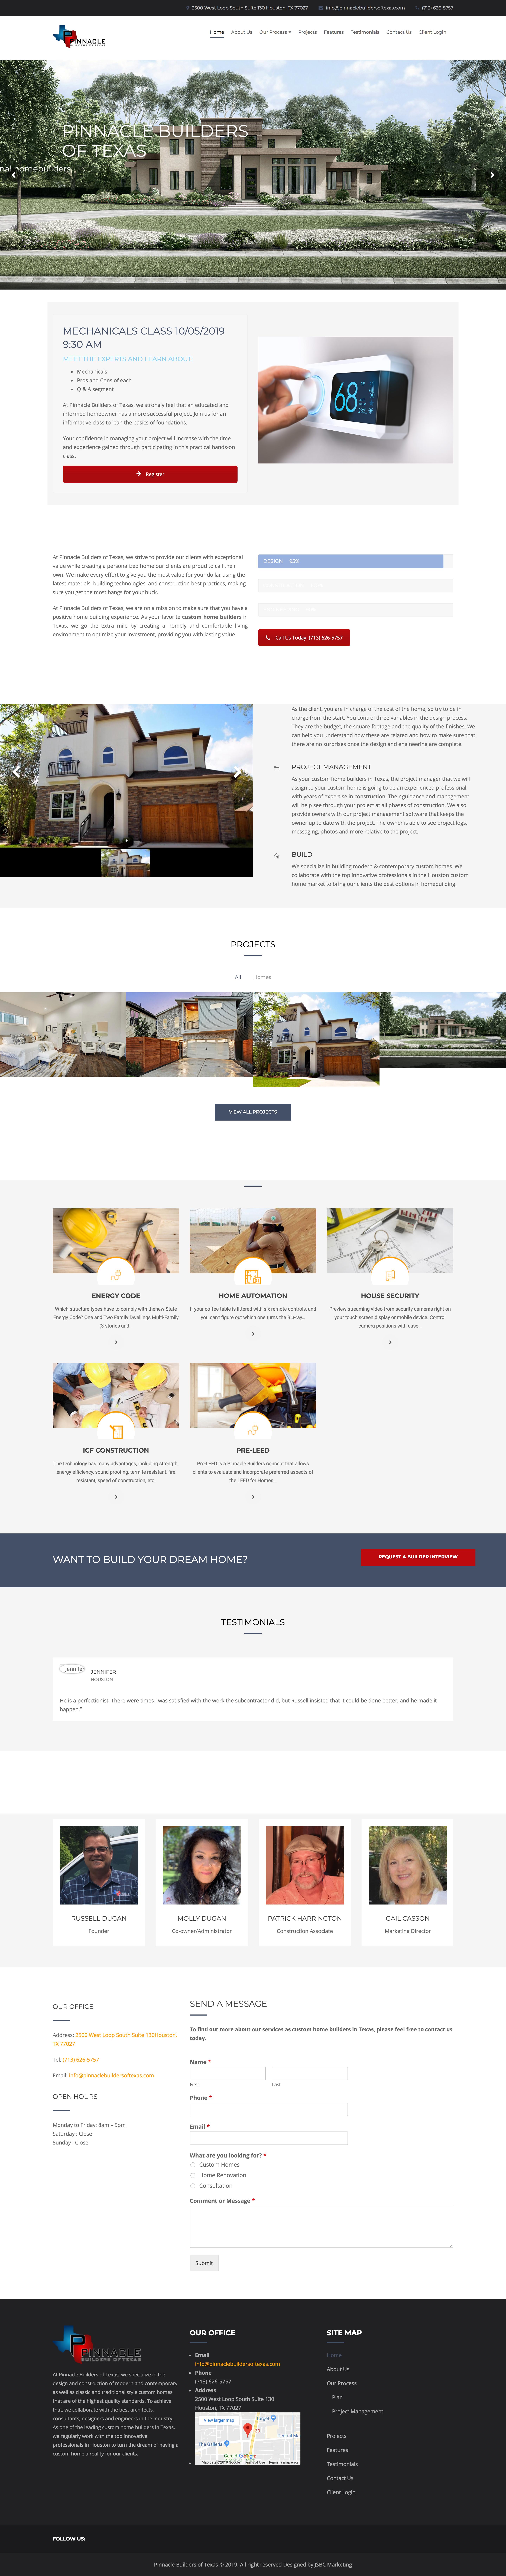 Pinnacle Builders of Texas Page